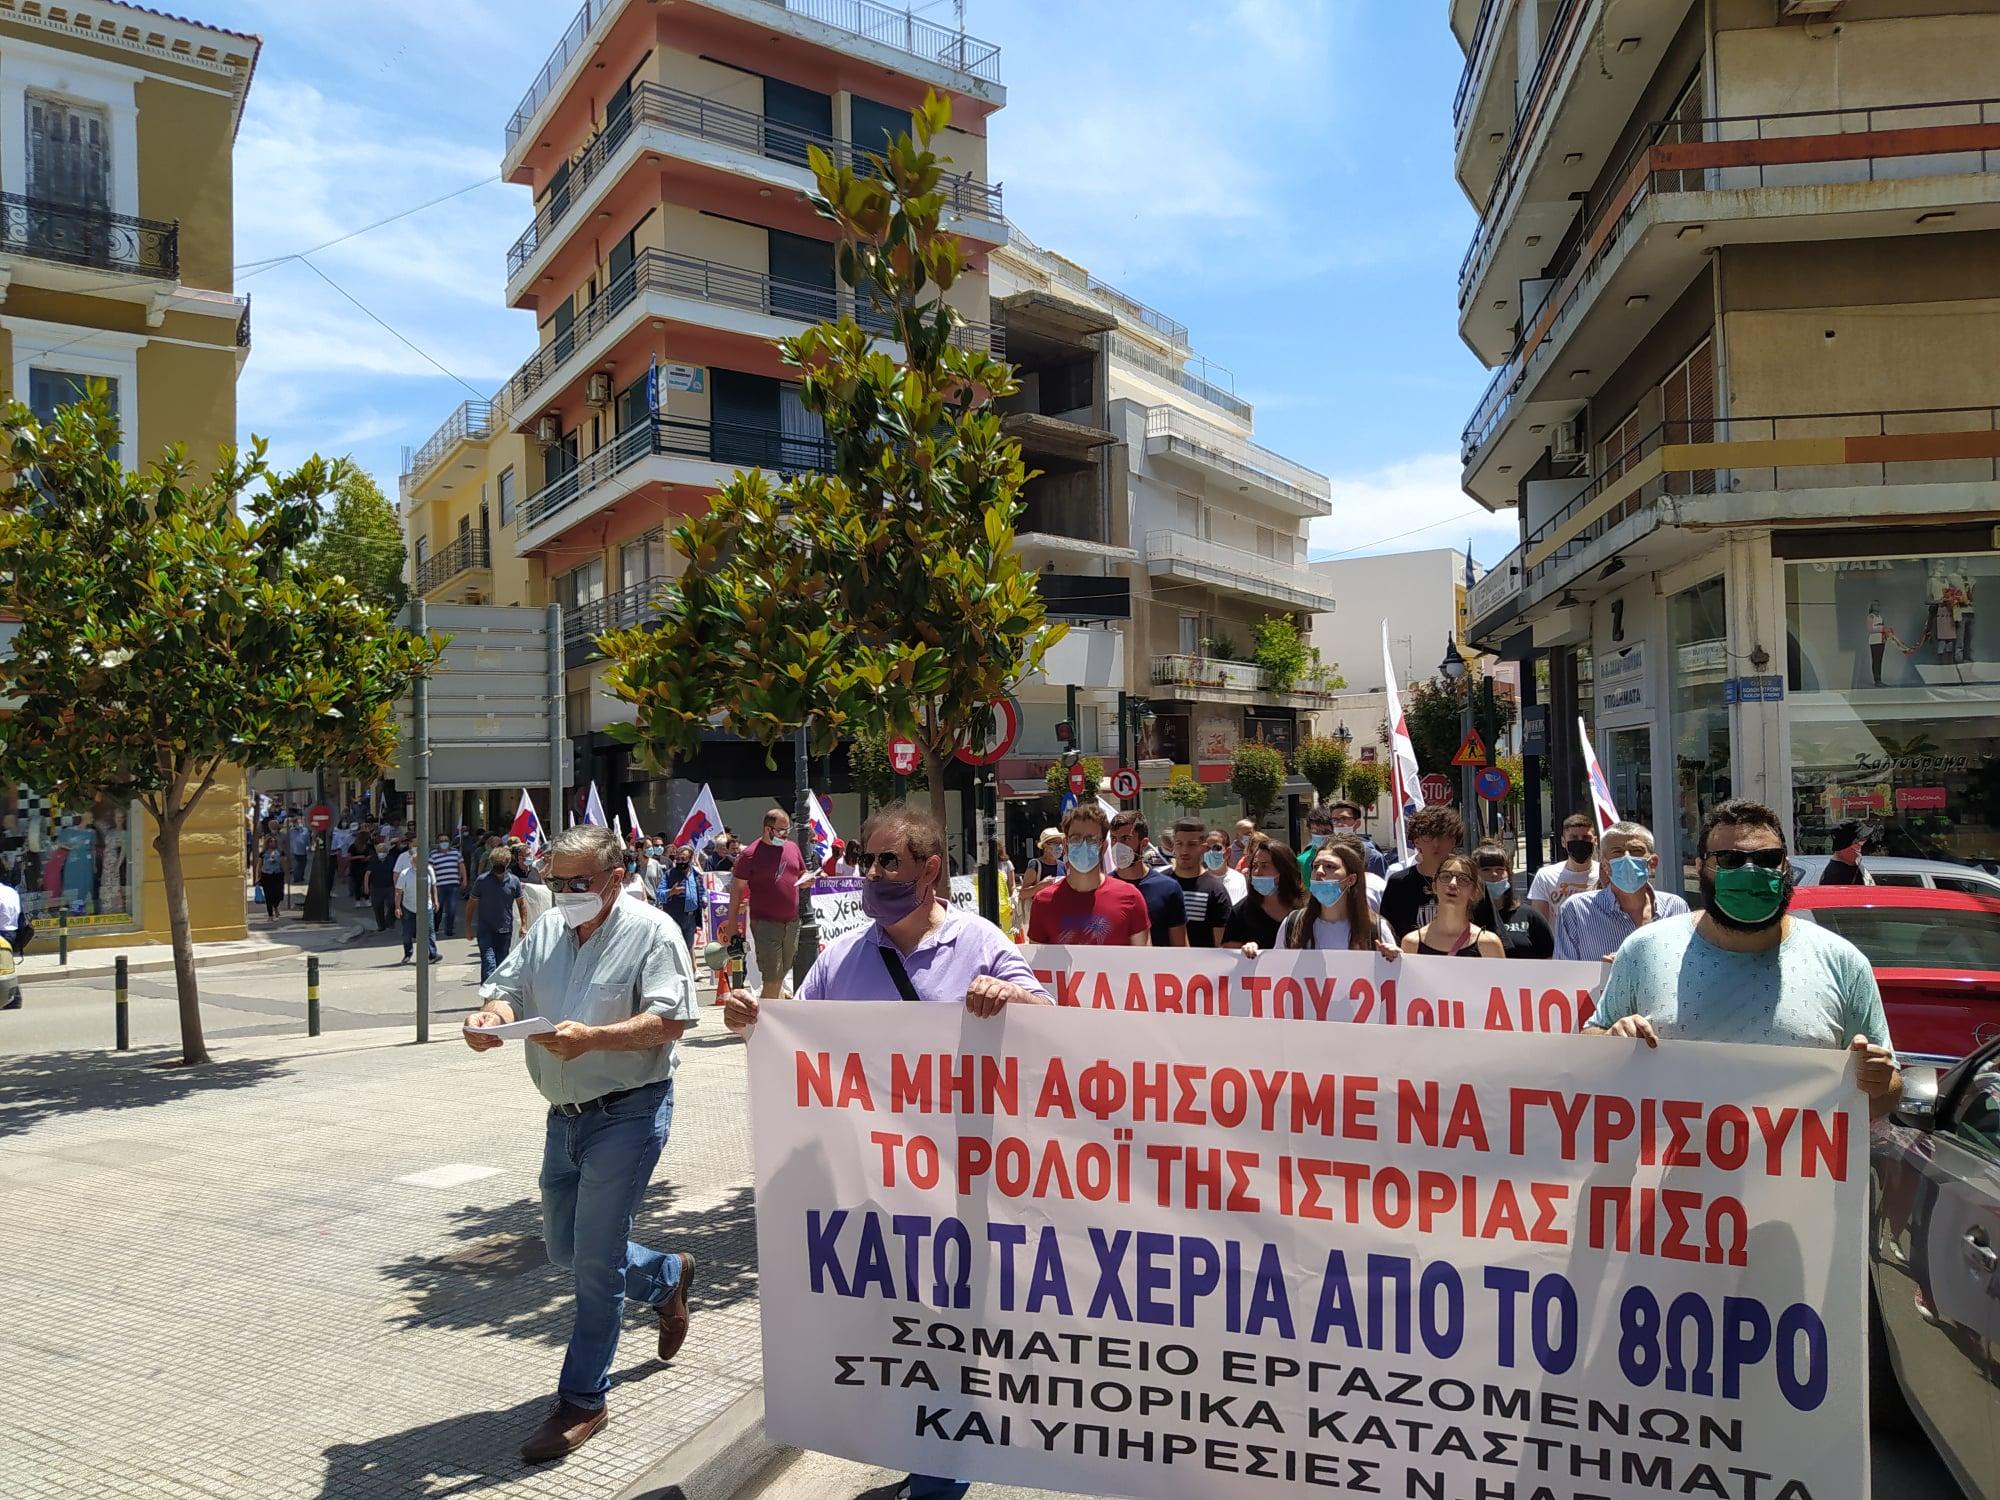 Πύργος: Μαζική απεργιακή απάντηση στην κεντρική πλατεία και πορεία στους κεντρικούς δρόμους του Πύργου όπου συμμετείχαν 18 σωματεία ιδιωτικού και δημόσιου τομέα στο νομό (photos)